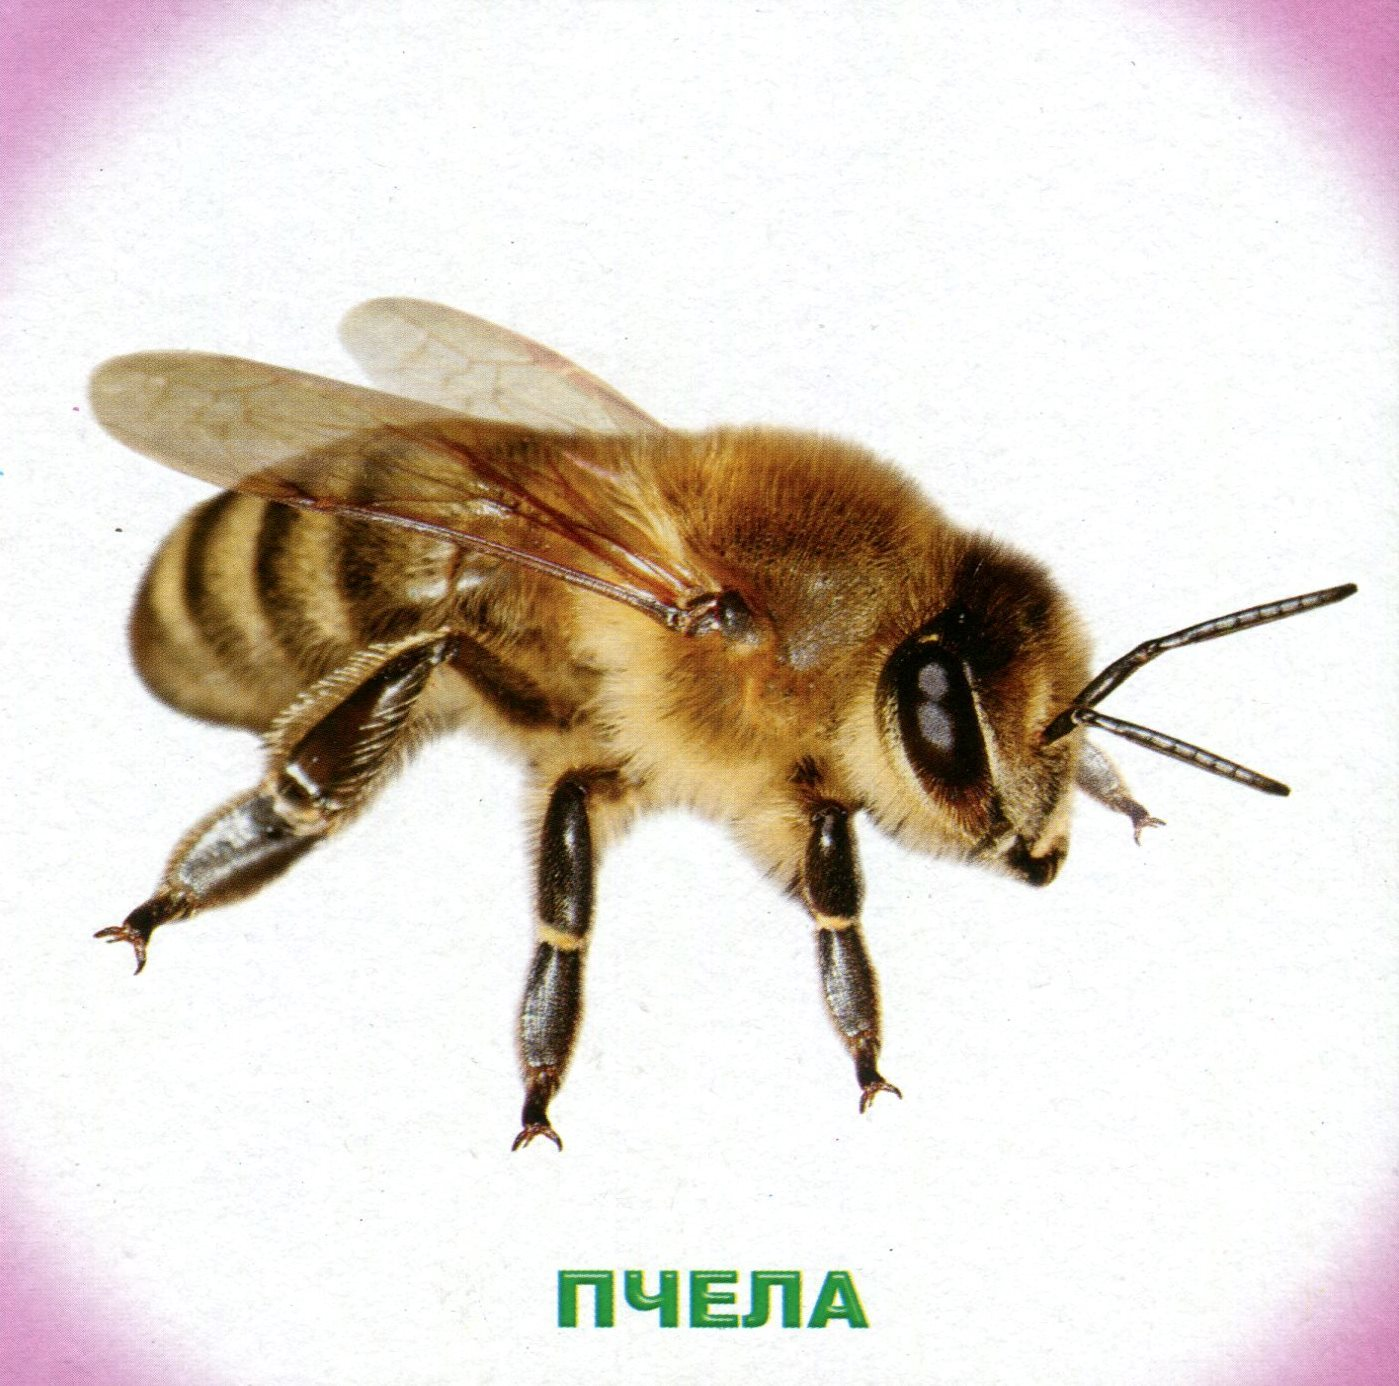 Картинки с надписями насекомых